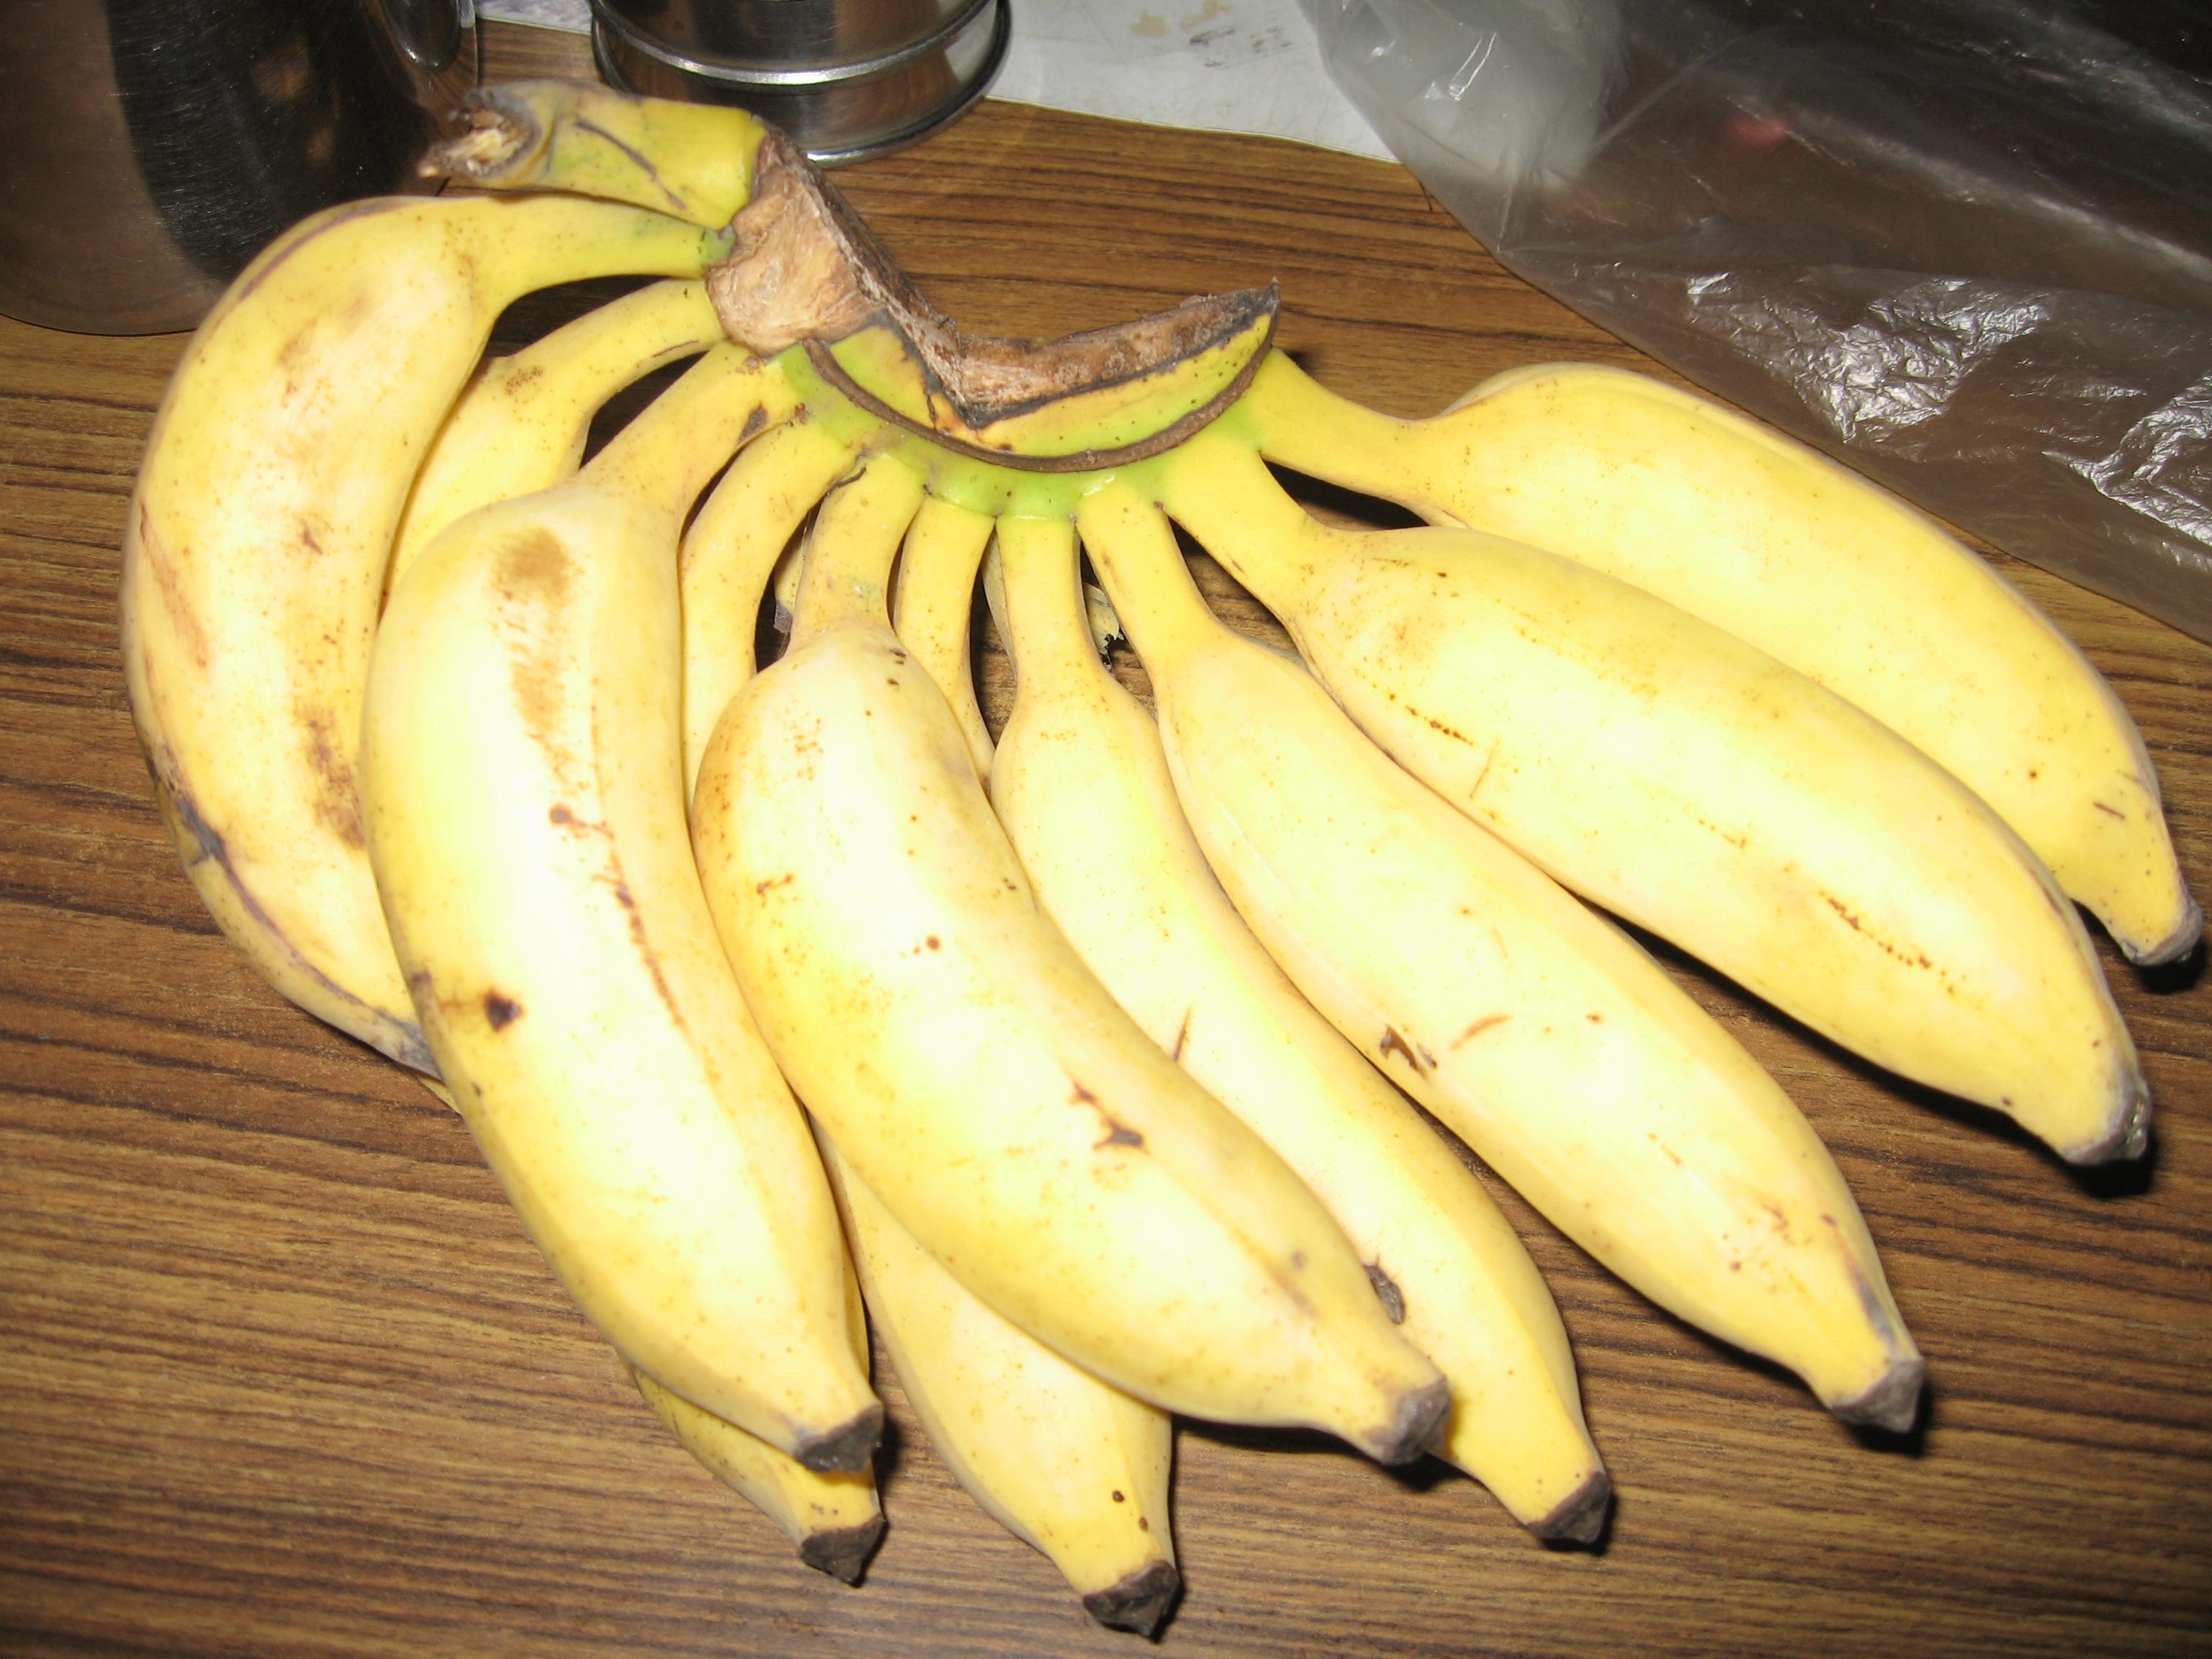 Nanjanagud Banana Wikipedia